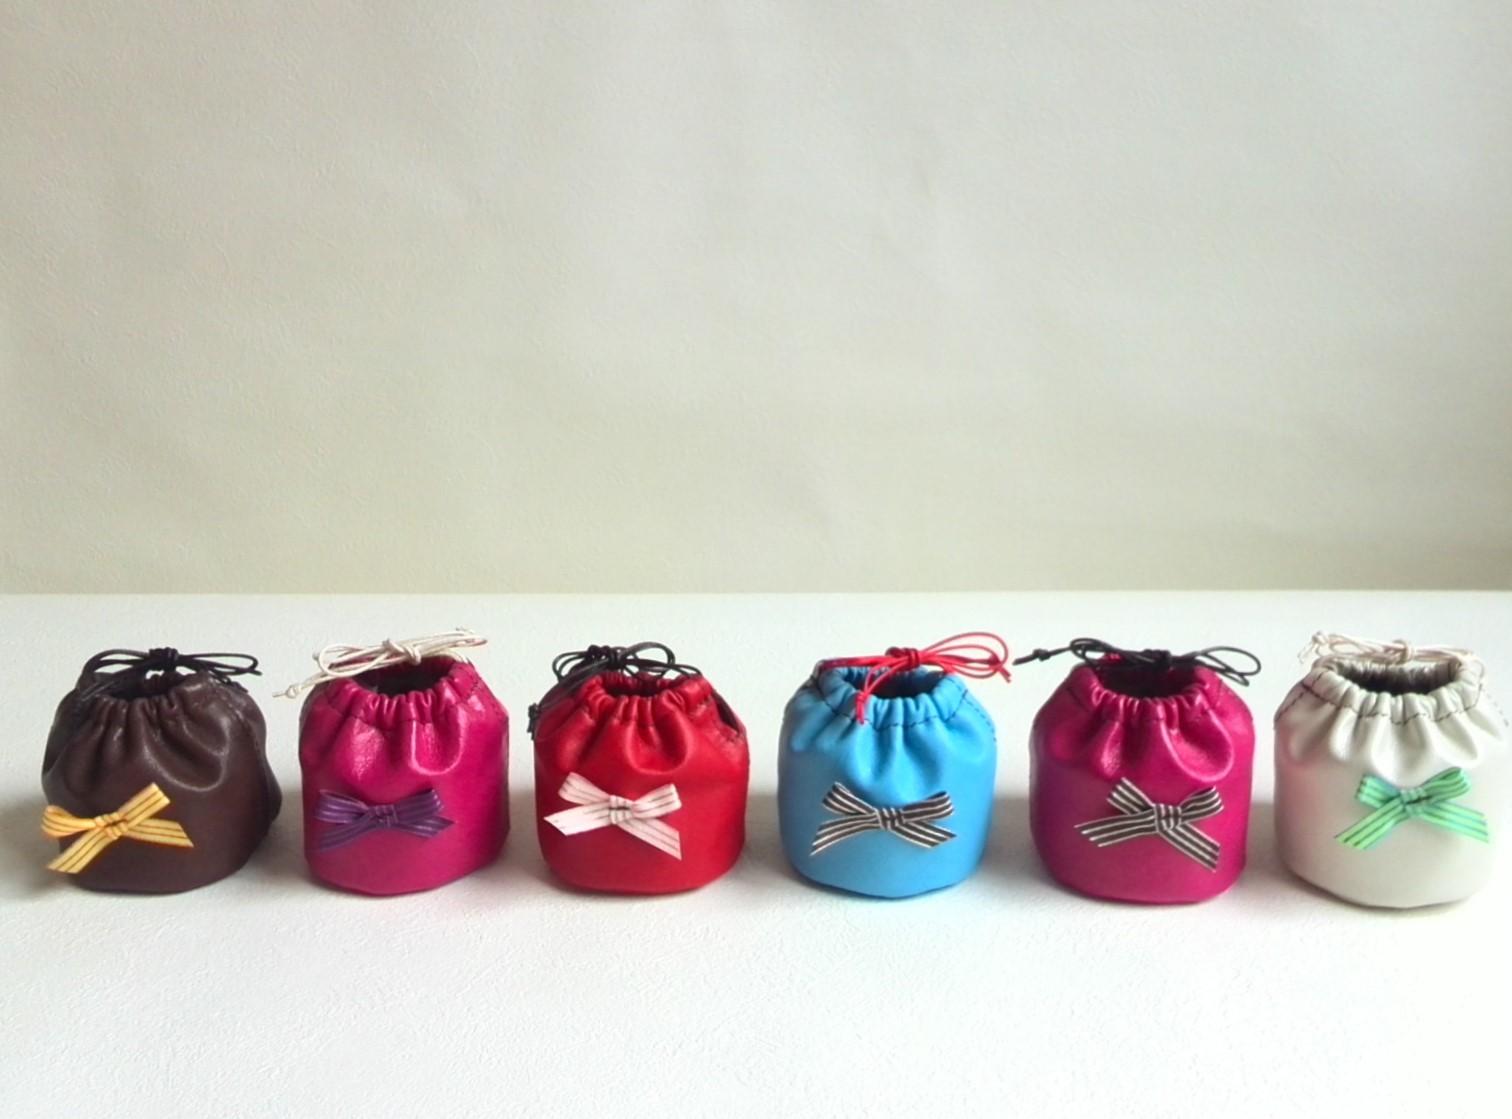 cherir presets『虹色パールのマリンな気分展』に行って参りました^^_f0340942_22155162.jpg